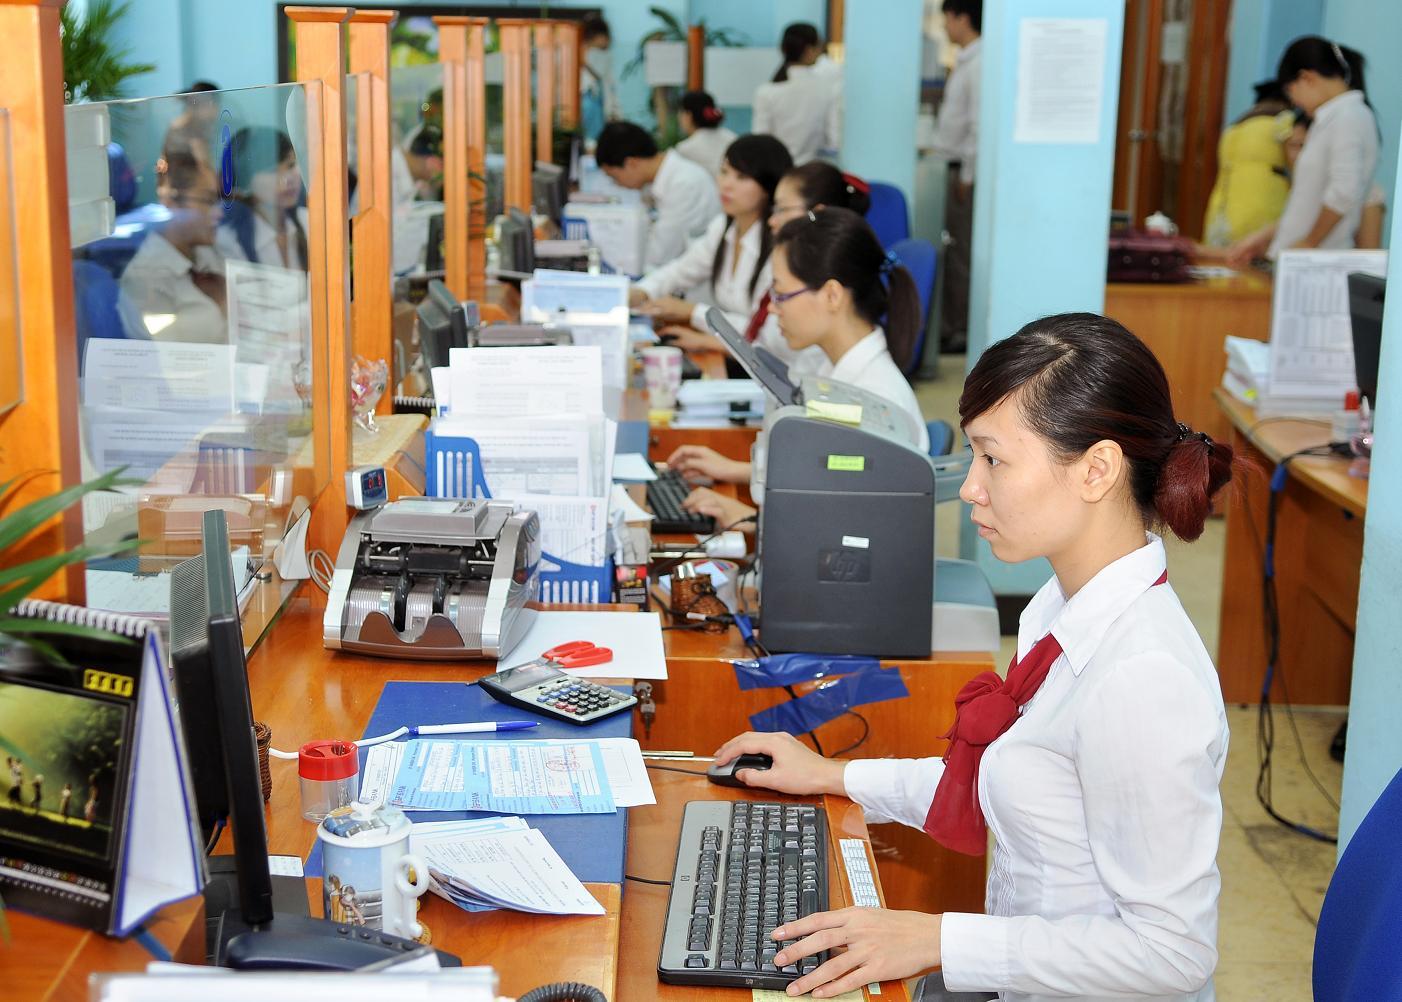 Bộ Tài chính chuẩn bị tổ chức Ngày Pháp luật Tài chính năm 2020